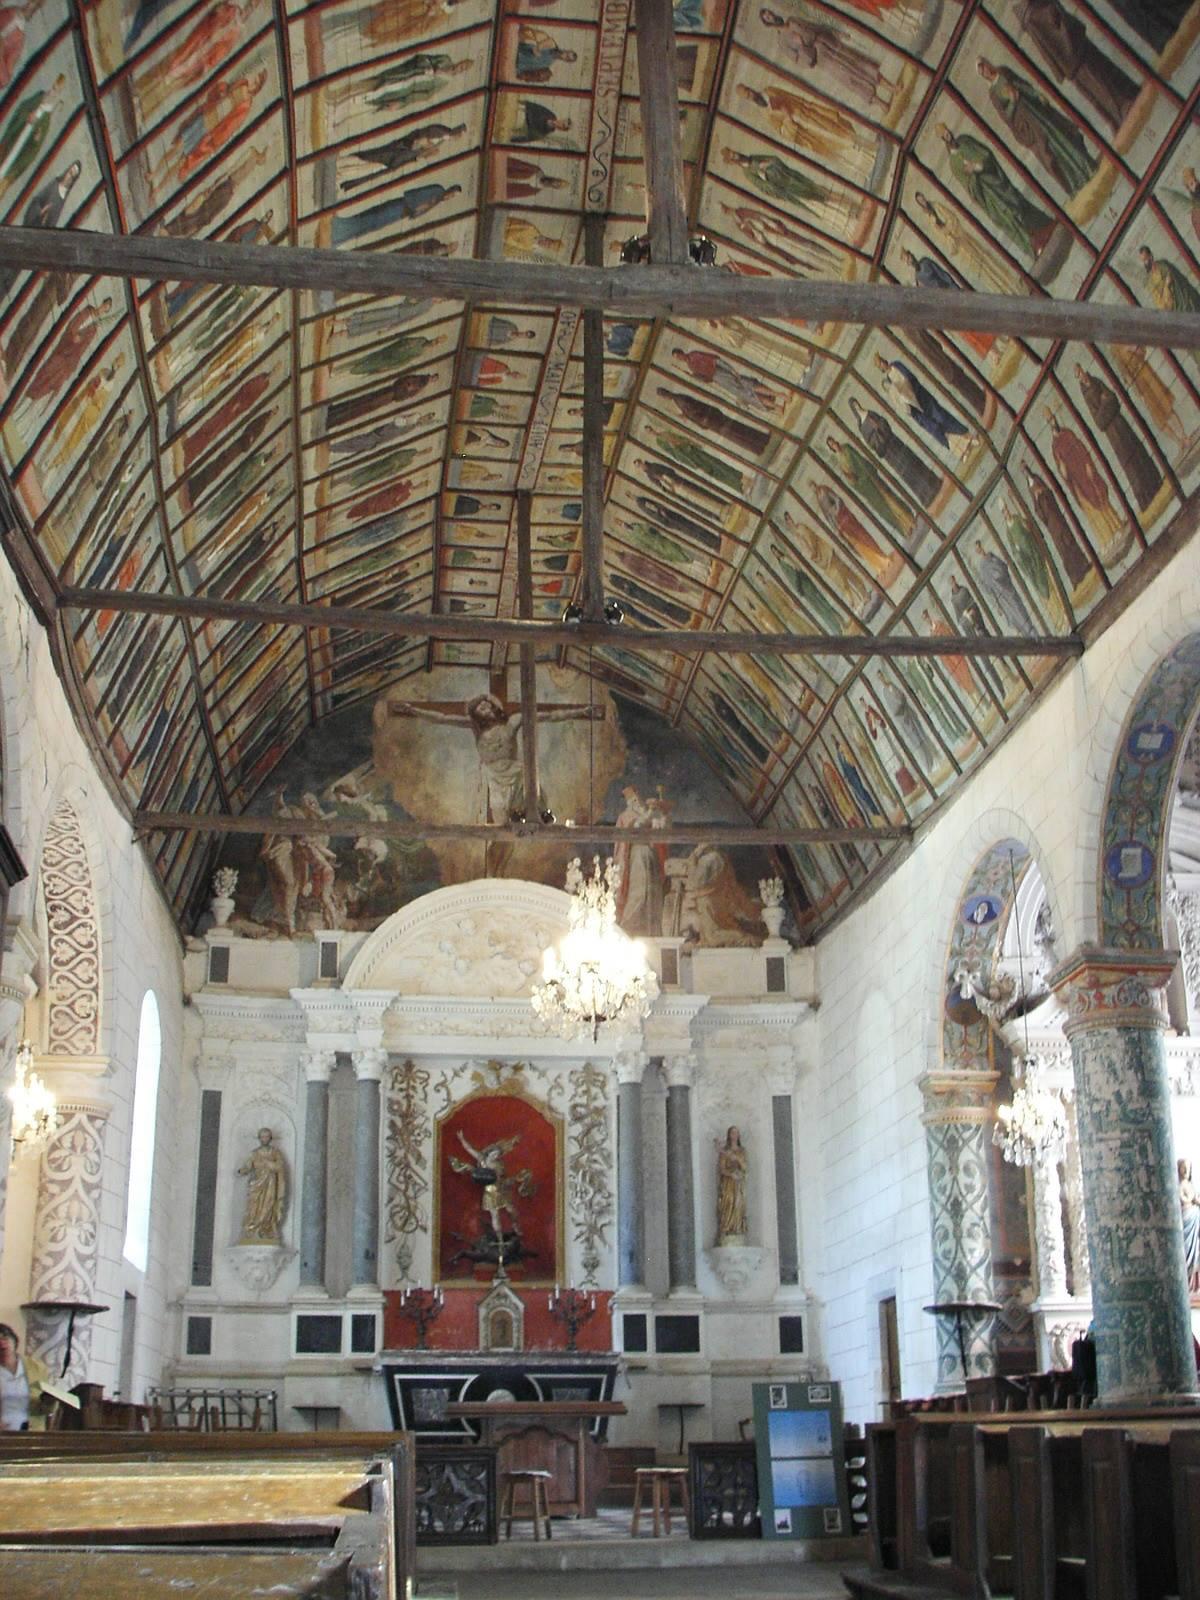 Saint Michel de Chavaignes en 2005 - Eglise Saint Michel 14 (Menu Christophe dit Tahiti)